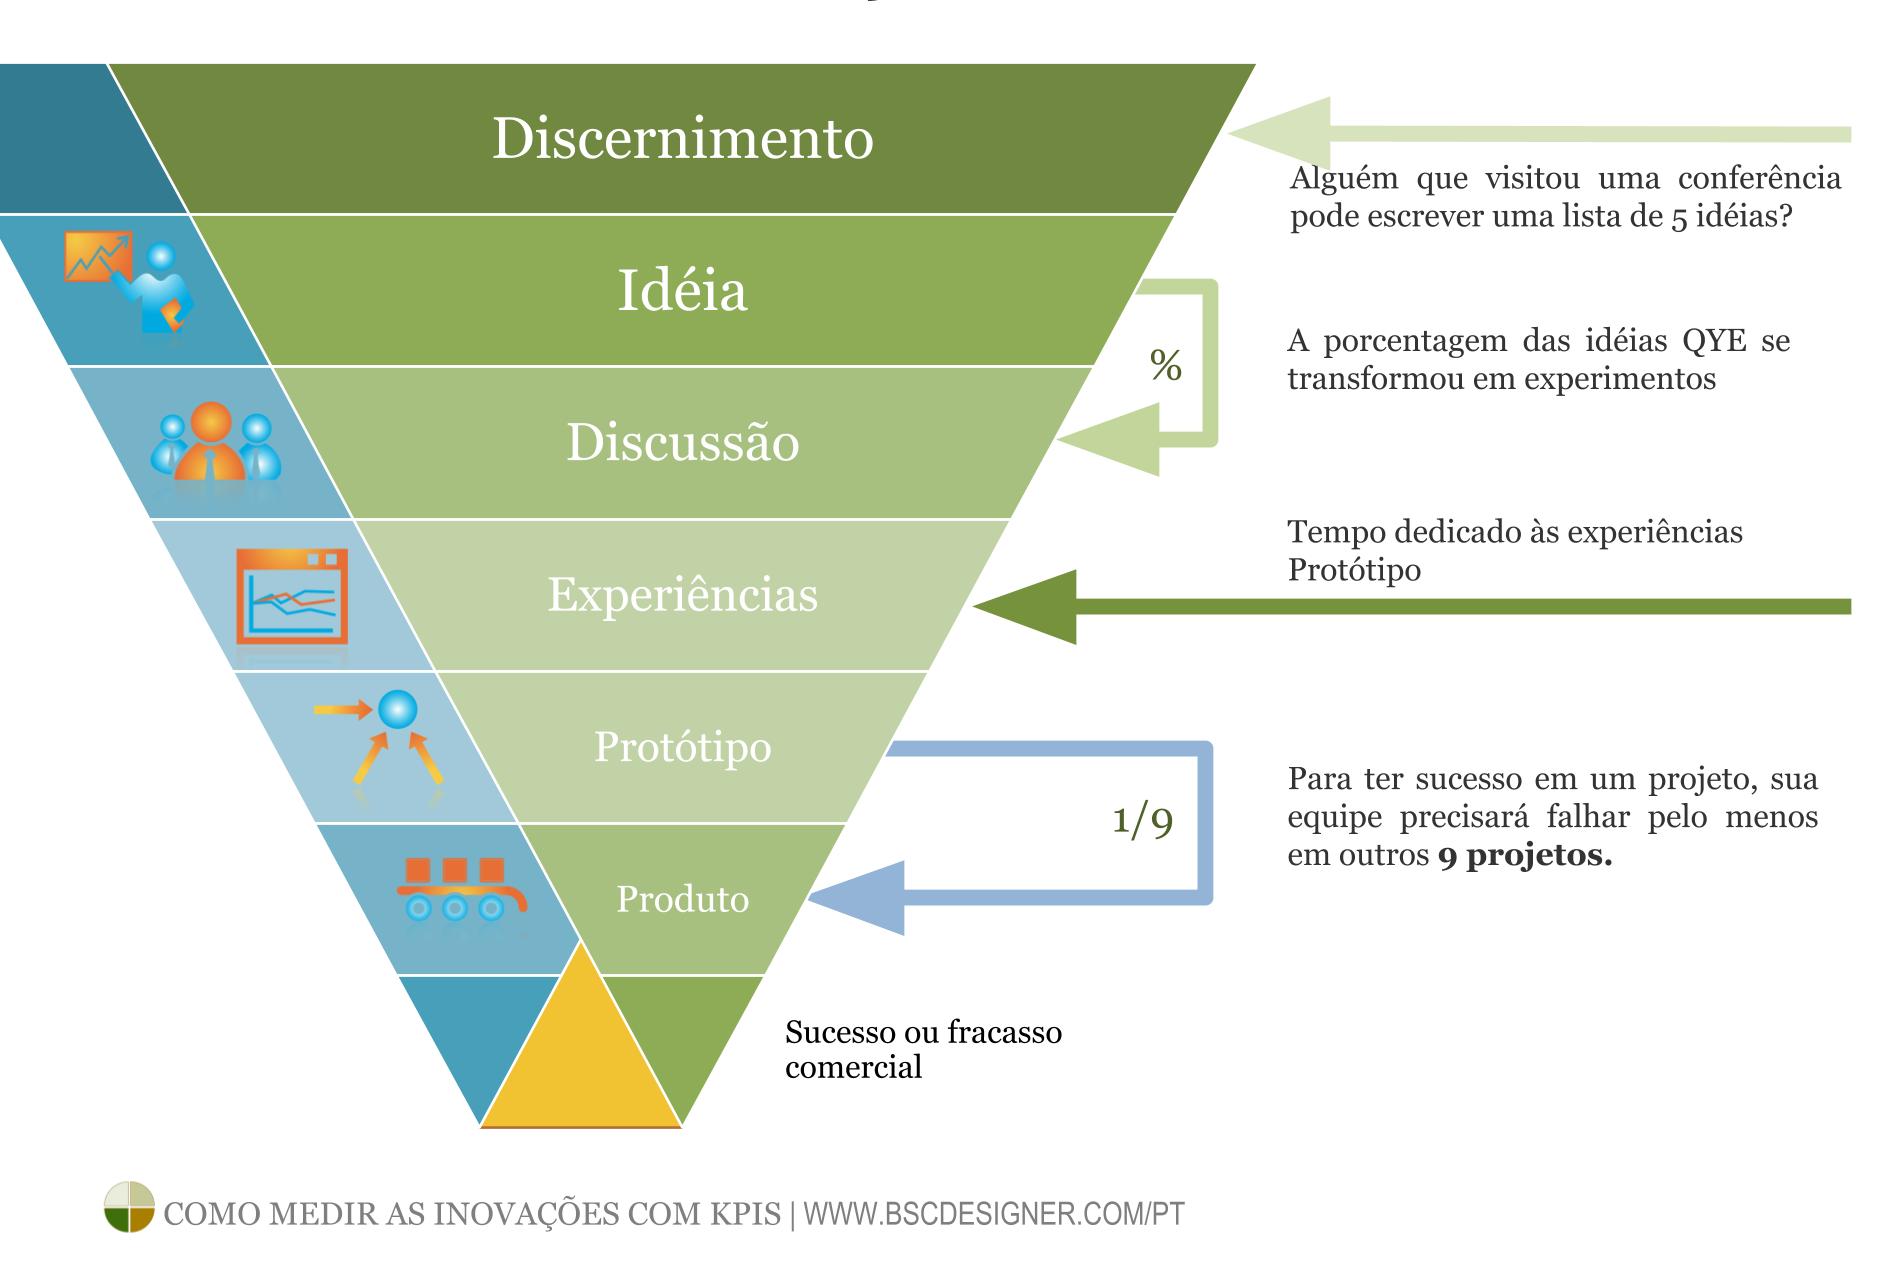 Como encontrar bons KPIs para medir inovações